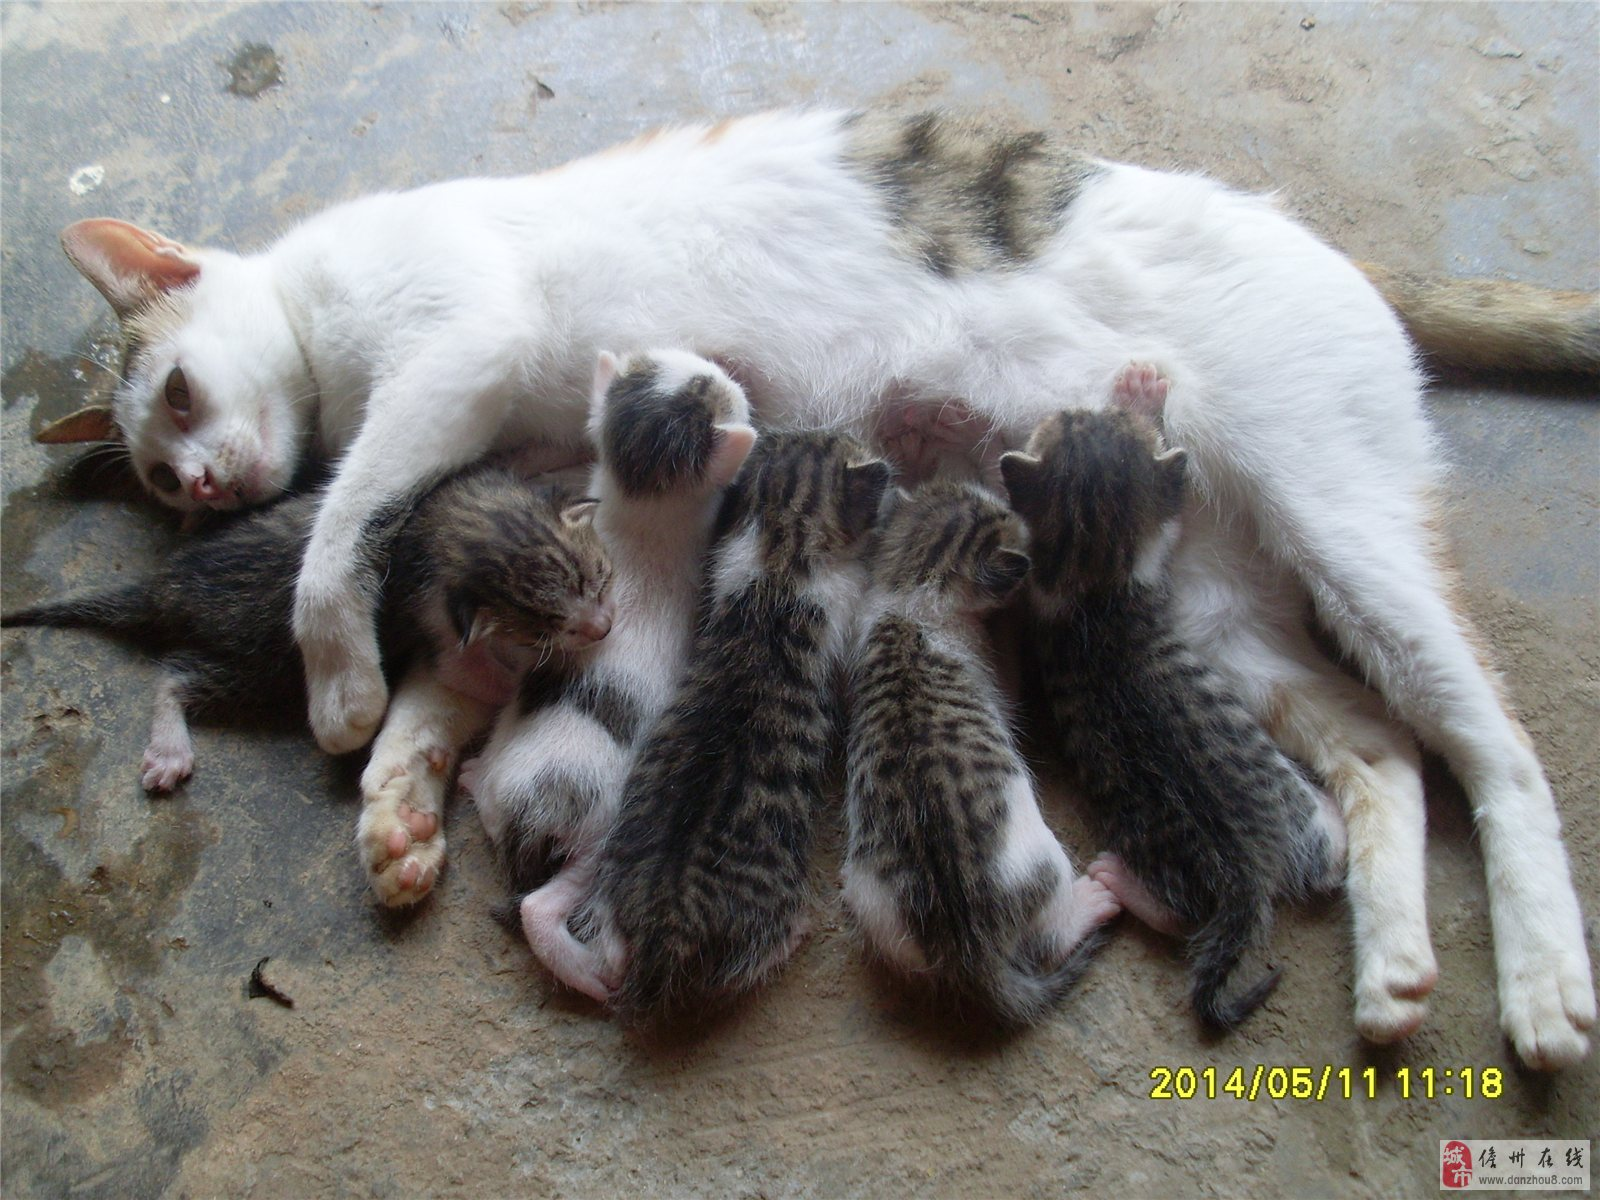 猫又可爱又是鼠类天敌,养一只家里保证你想见老鼠都难, 老鼠乱拉屎拉